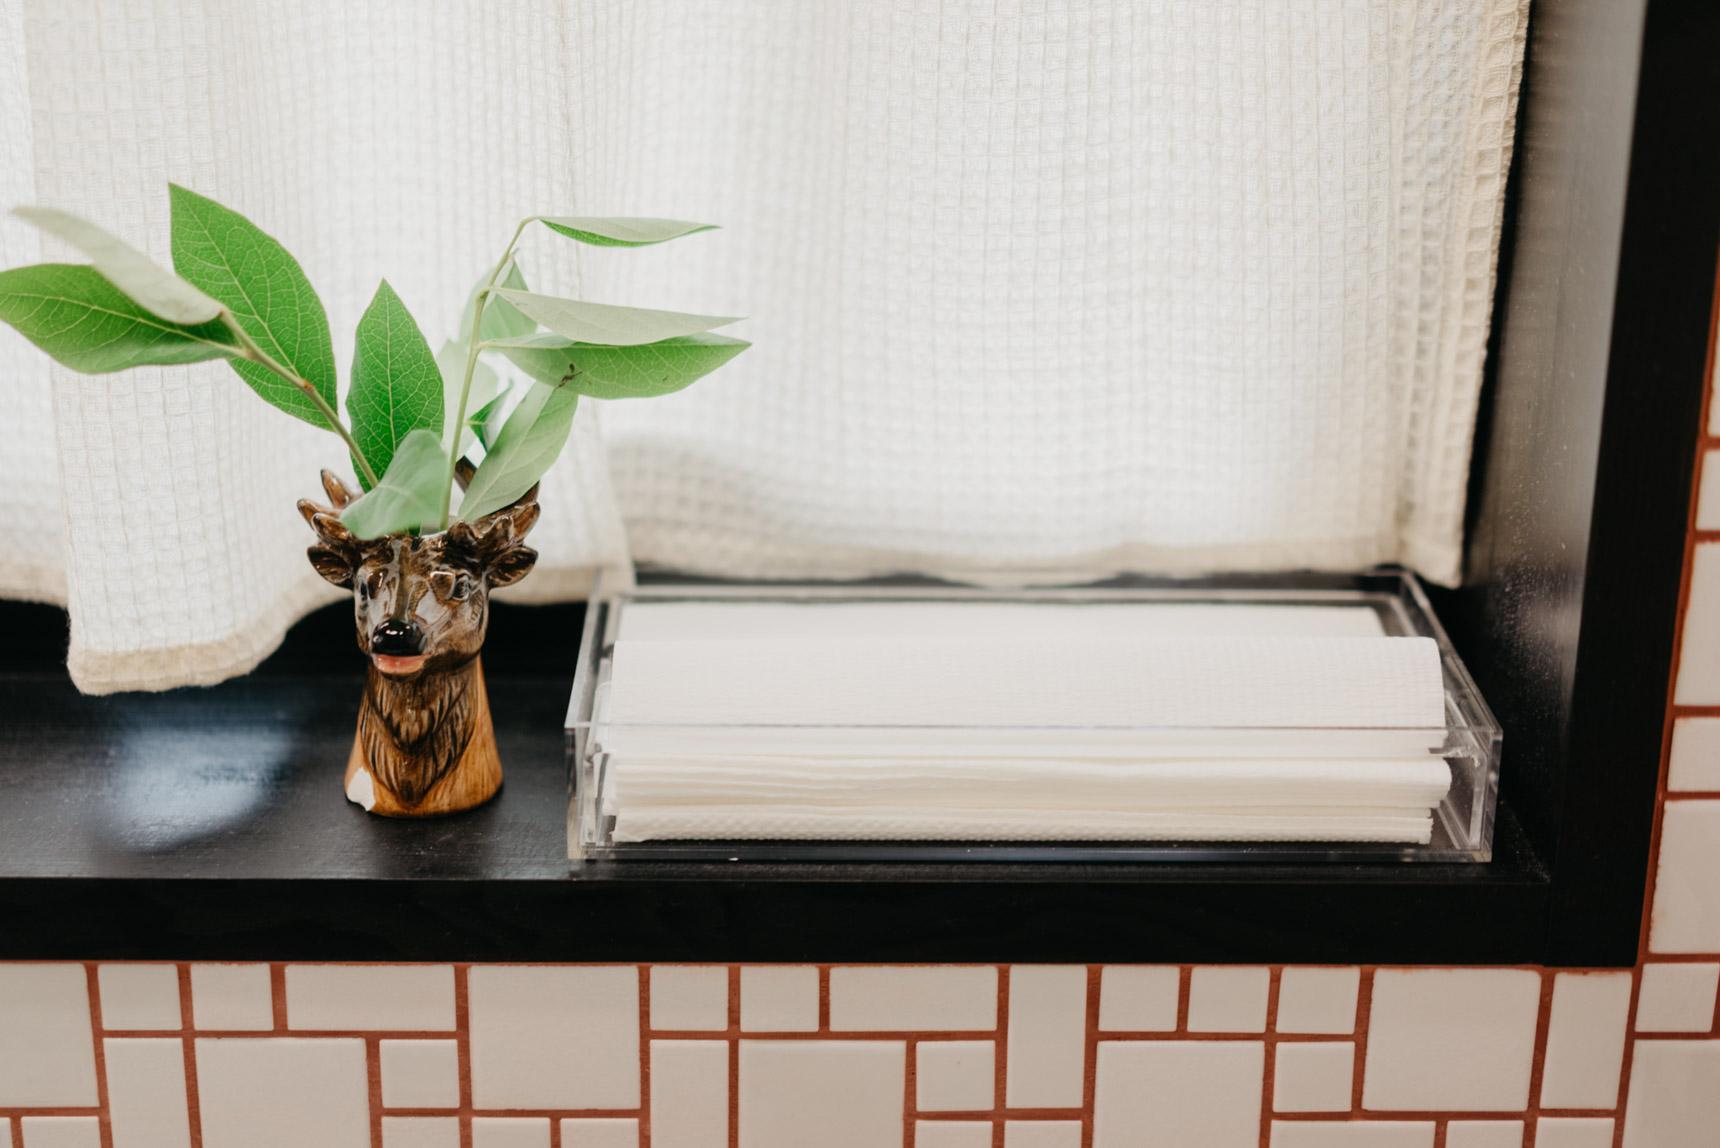 家でもペーパータオルが便利!無印良品の「重なるアクリルボックス」ですっきり清潔な水まわりをつくりましょう